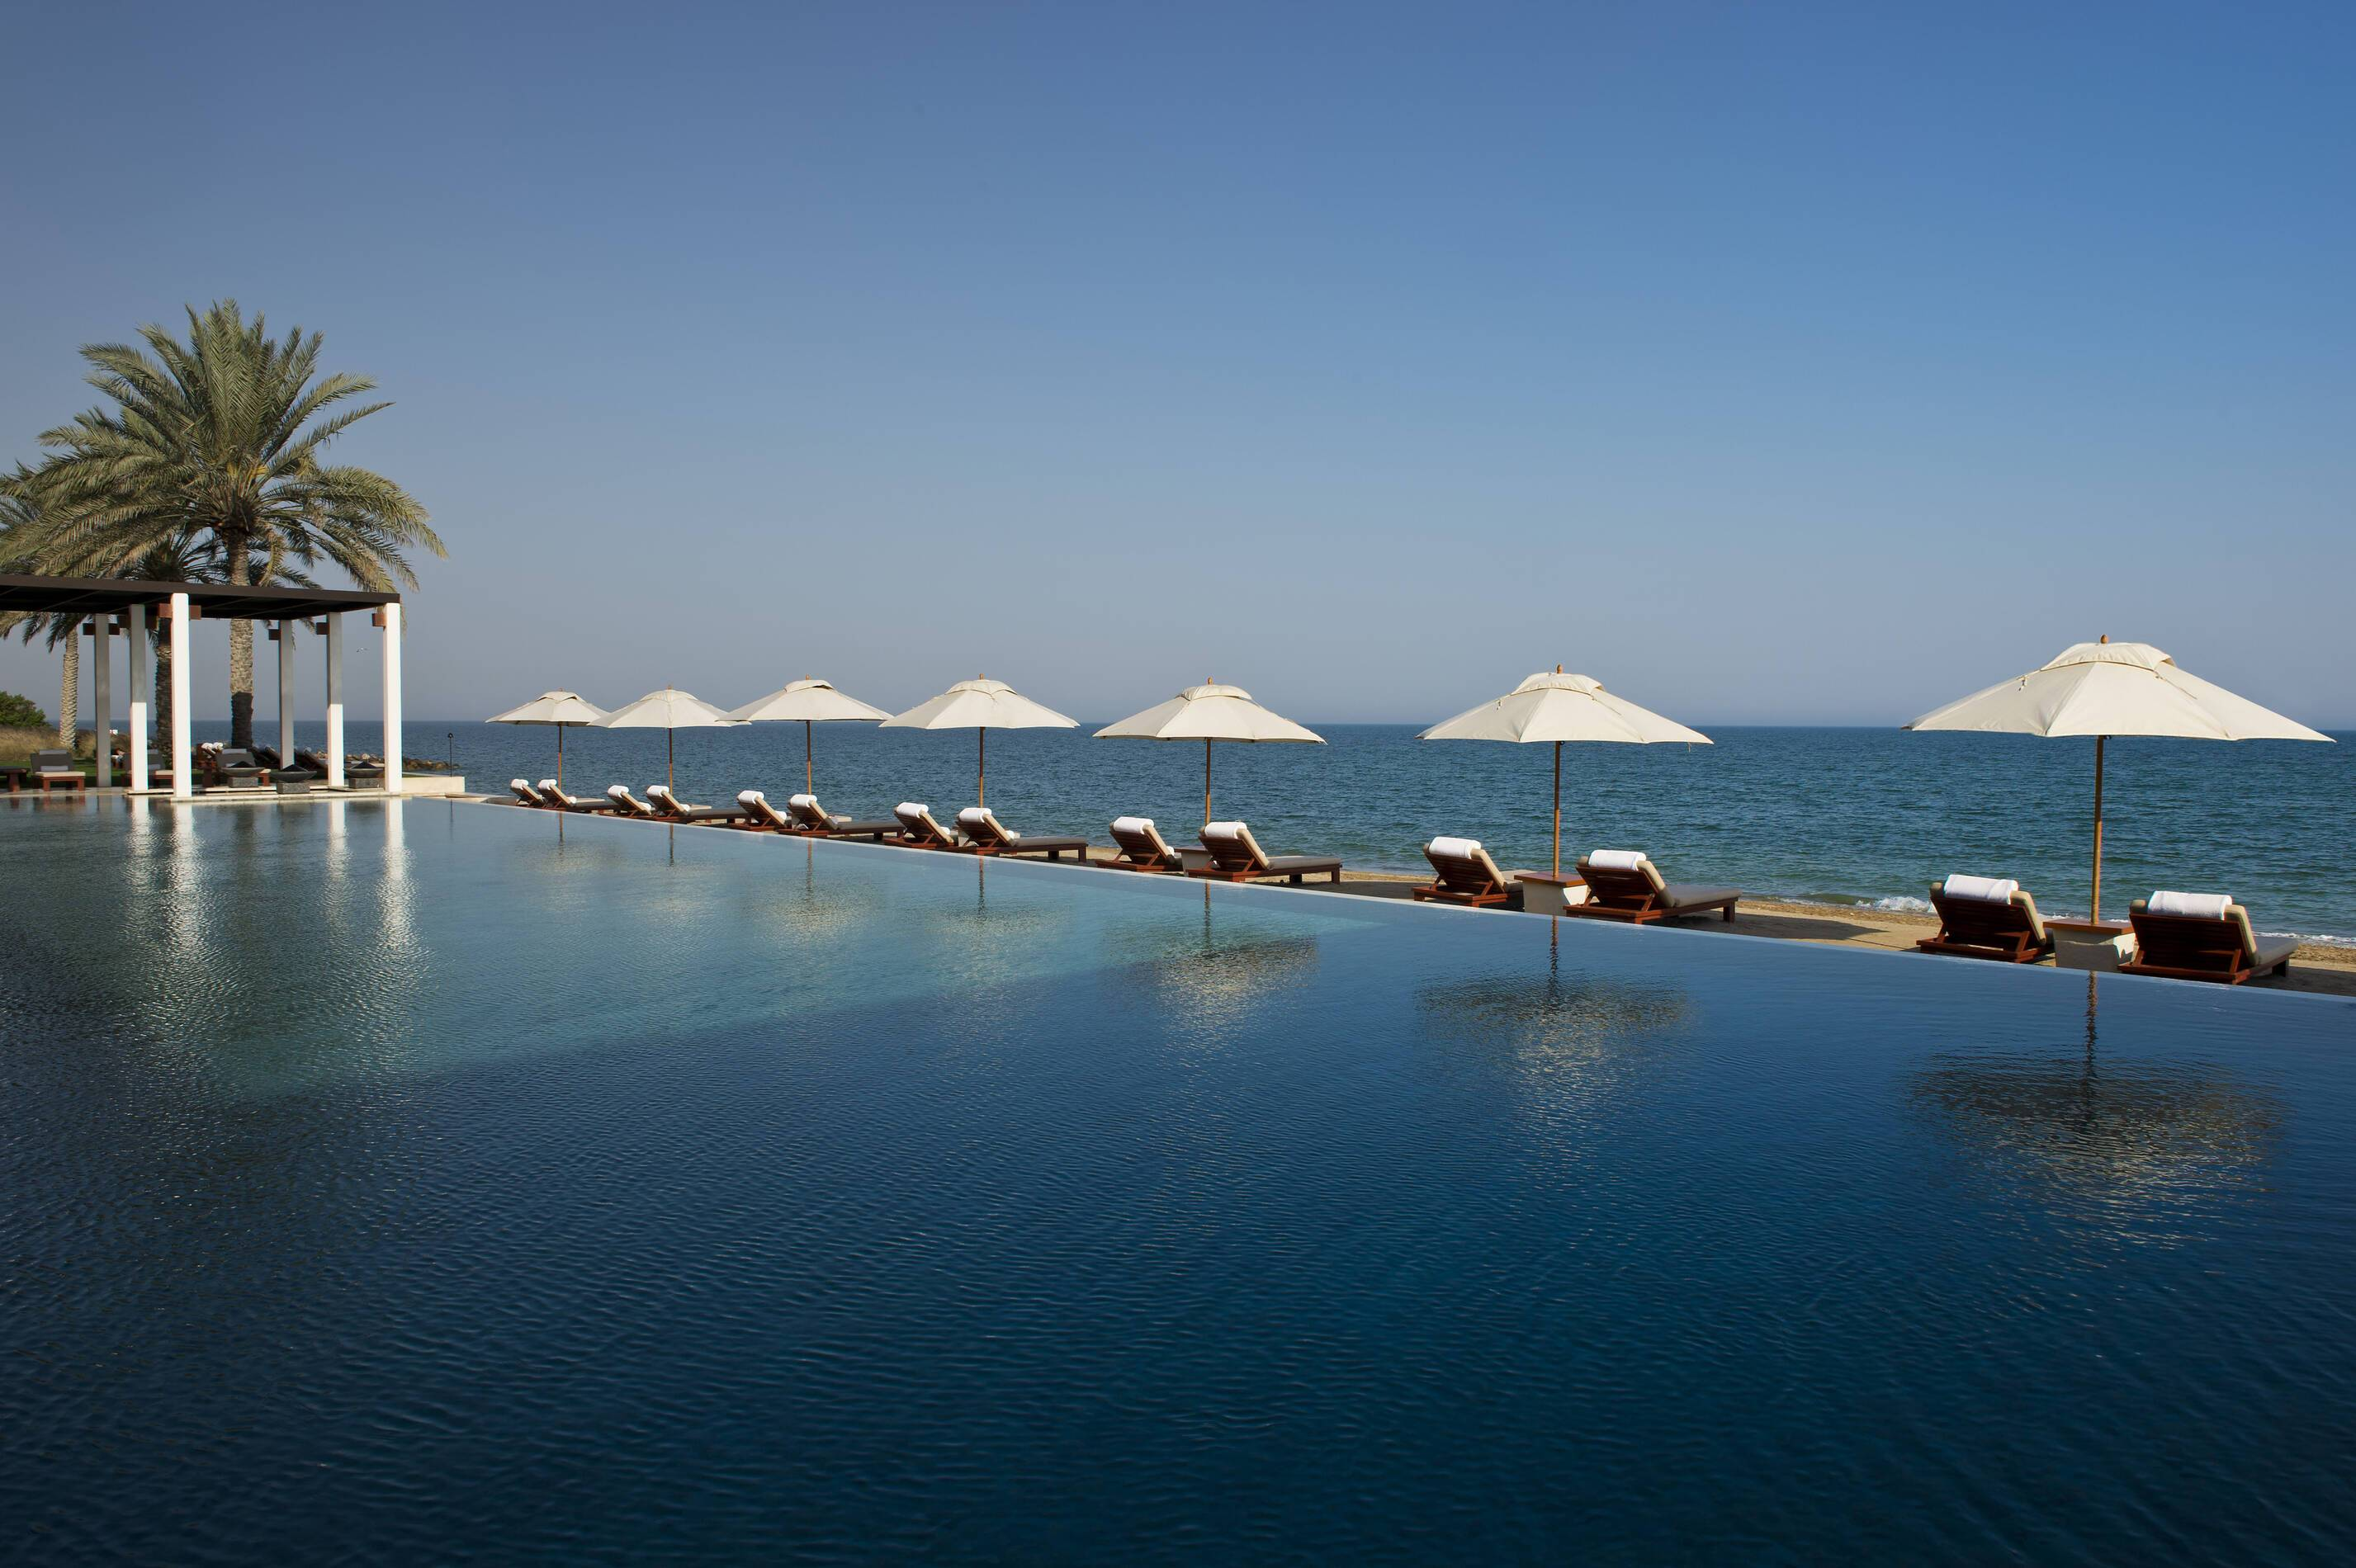 Chedi Muscat Oman piscine